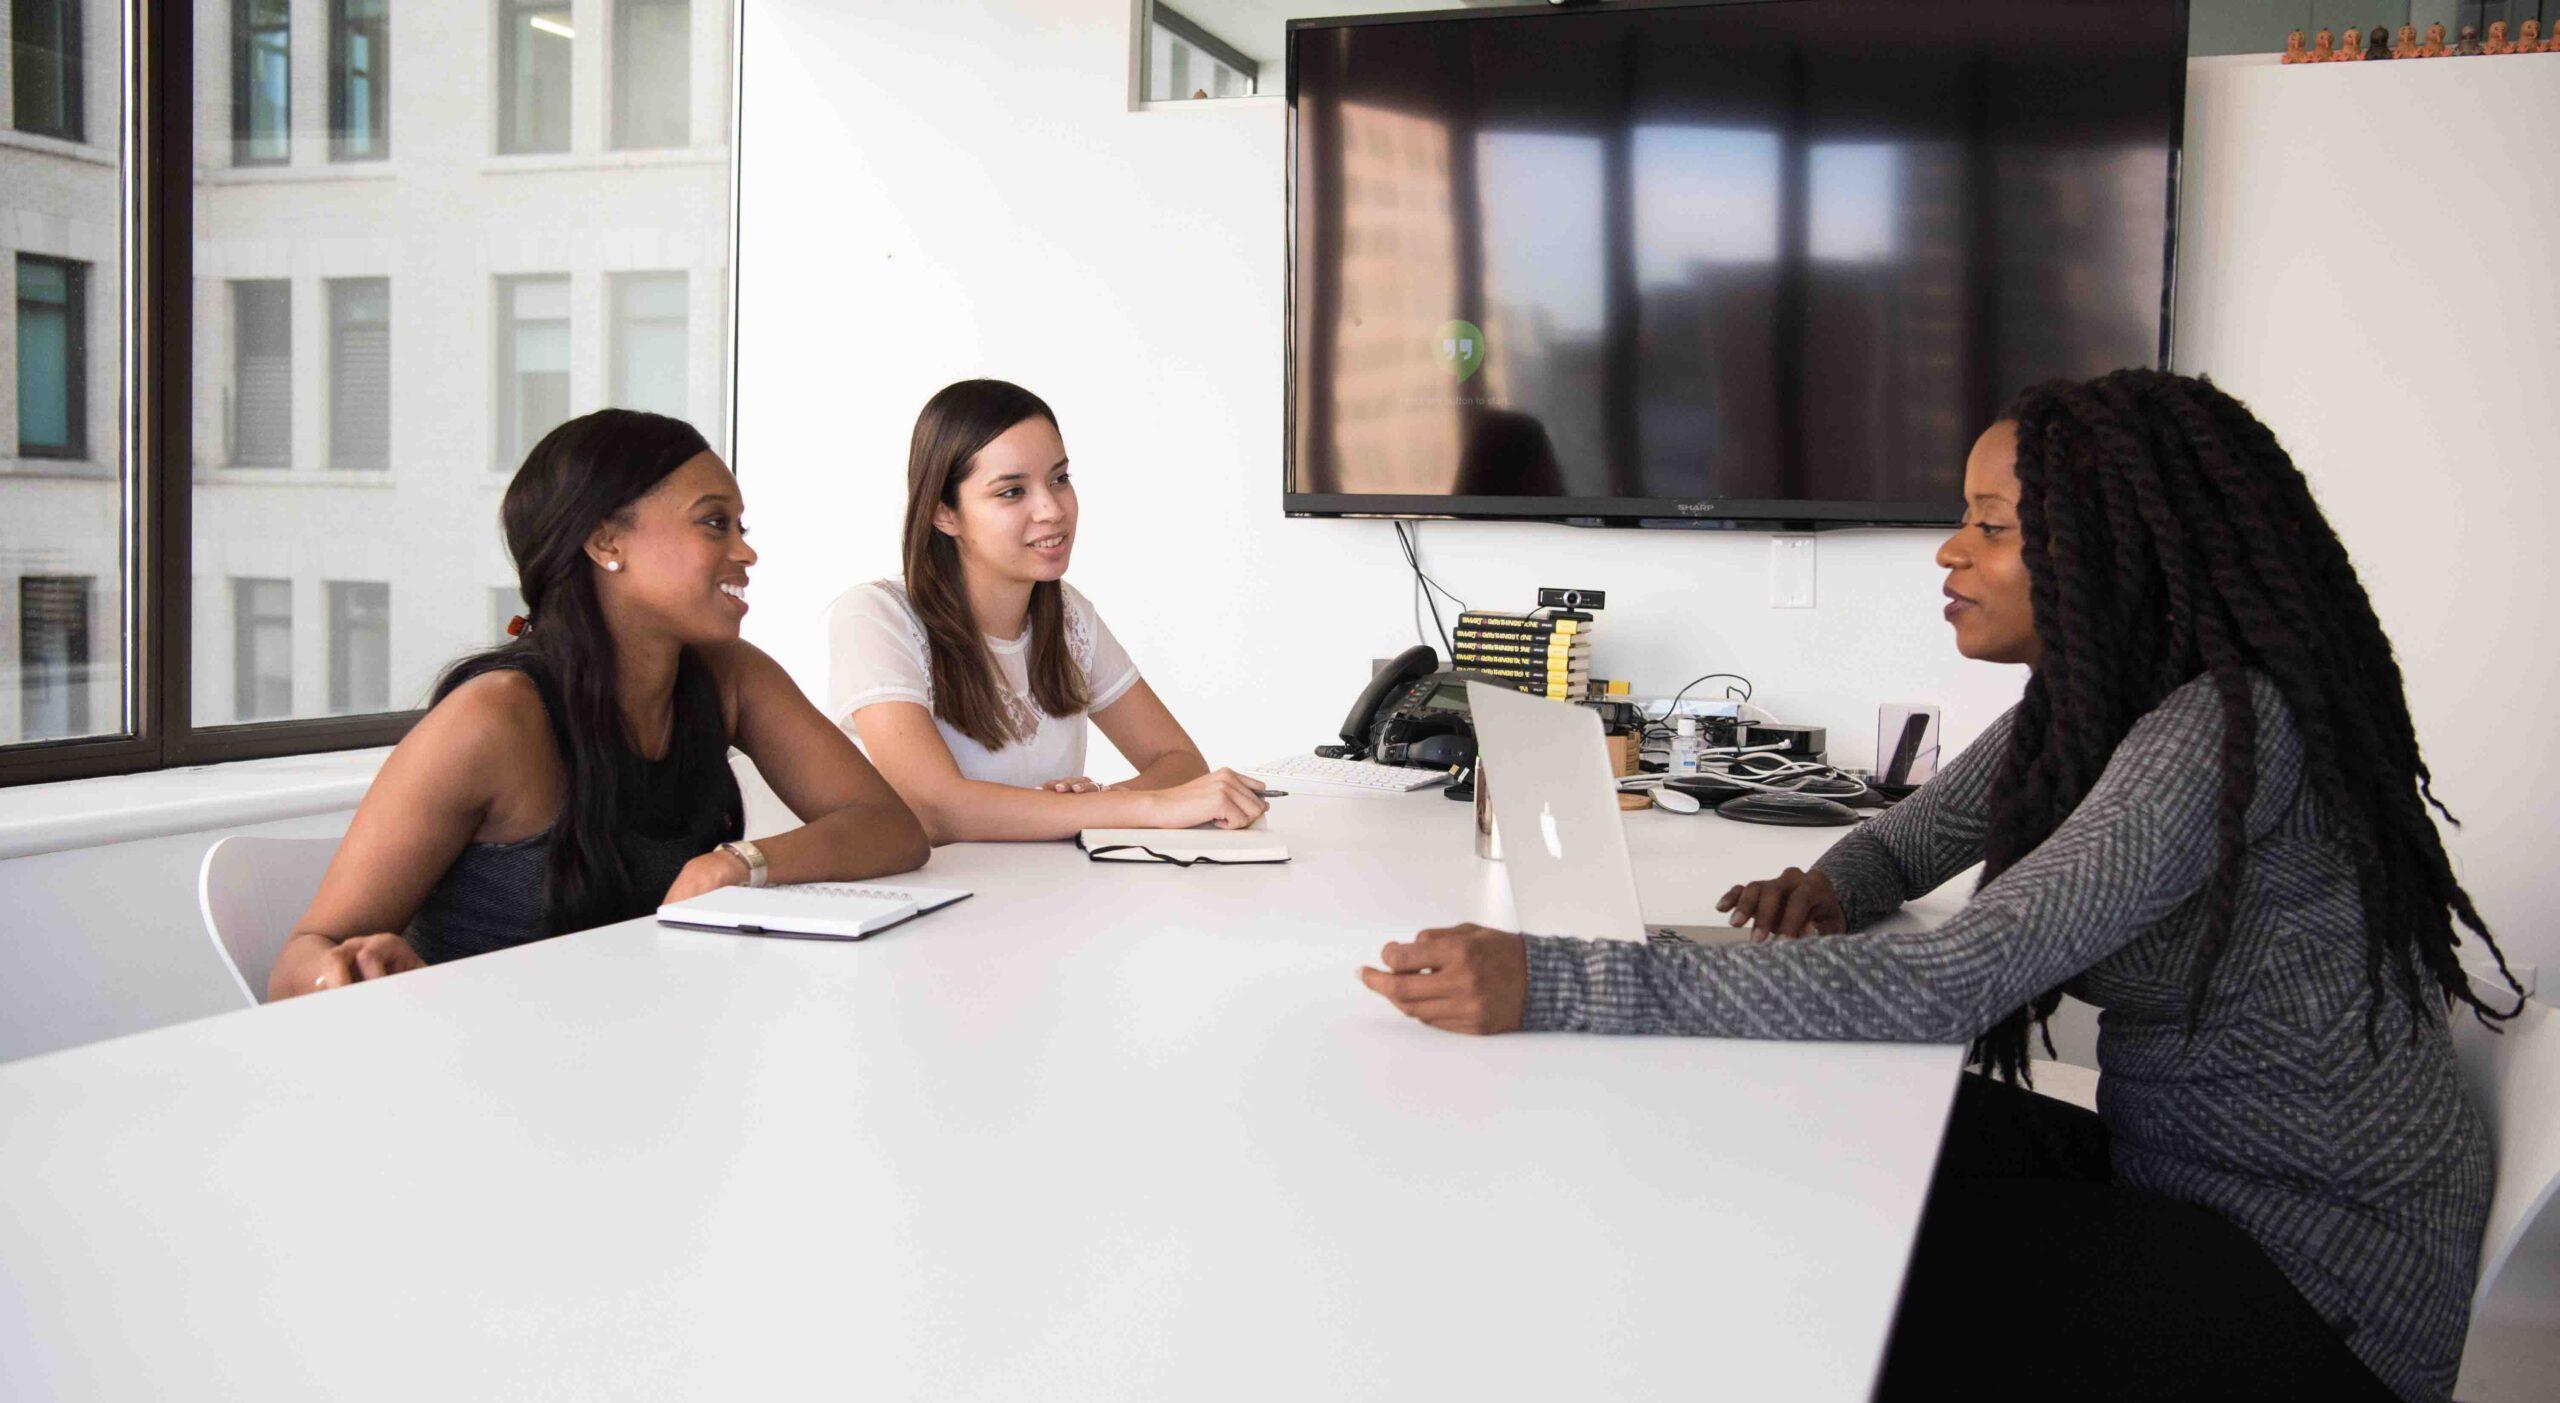 iniciativas de empreendedorismo feminino mulheres sentadas na mesa com computador